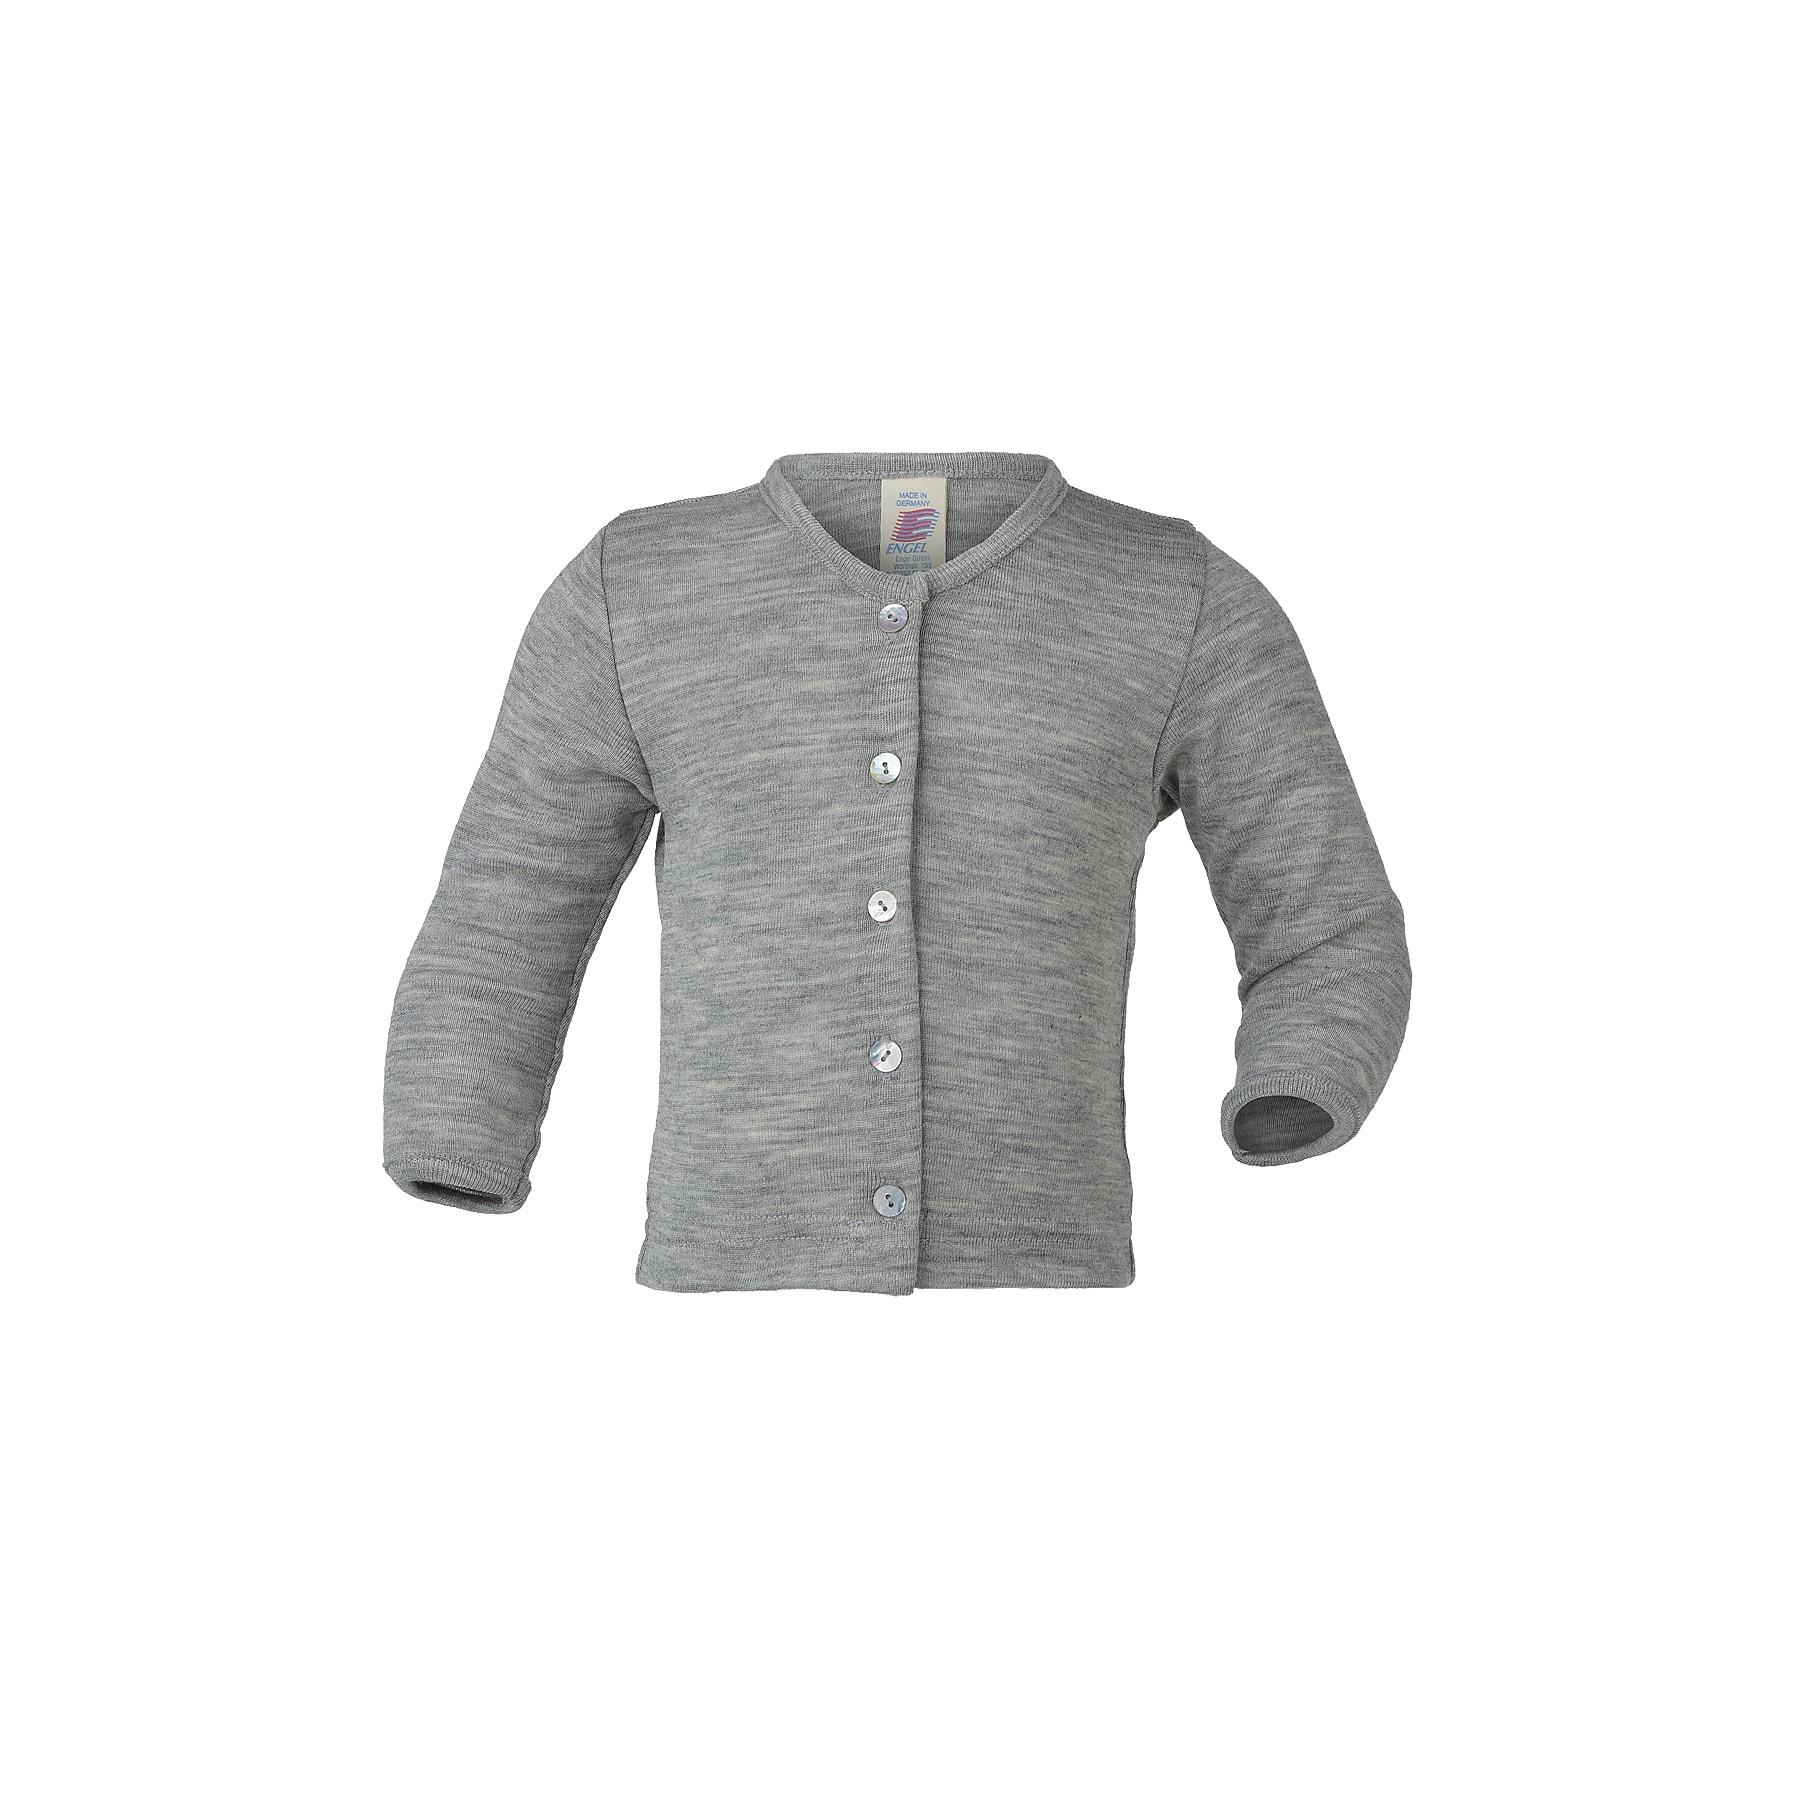 1b0bff57 Cardigan i økologisk uld silke til barn - Perlemorsknapper - Grå - Engel